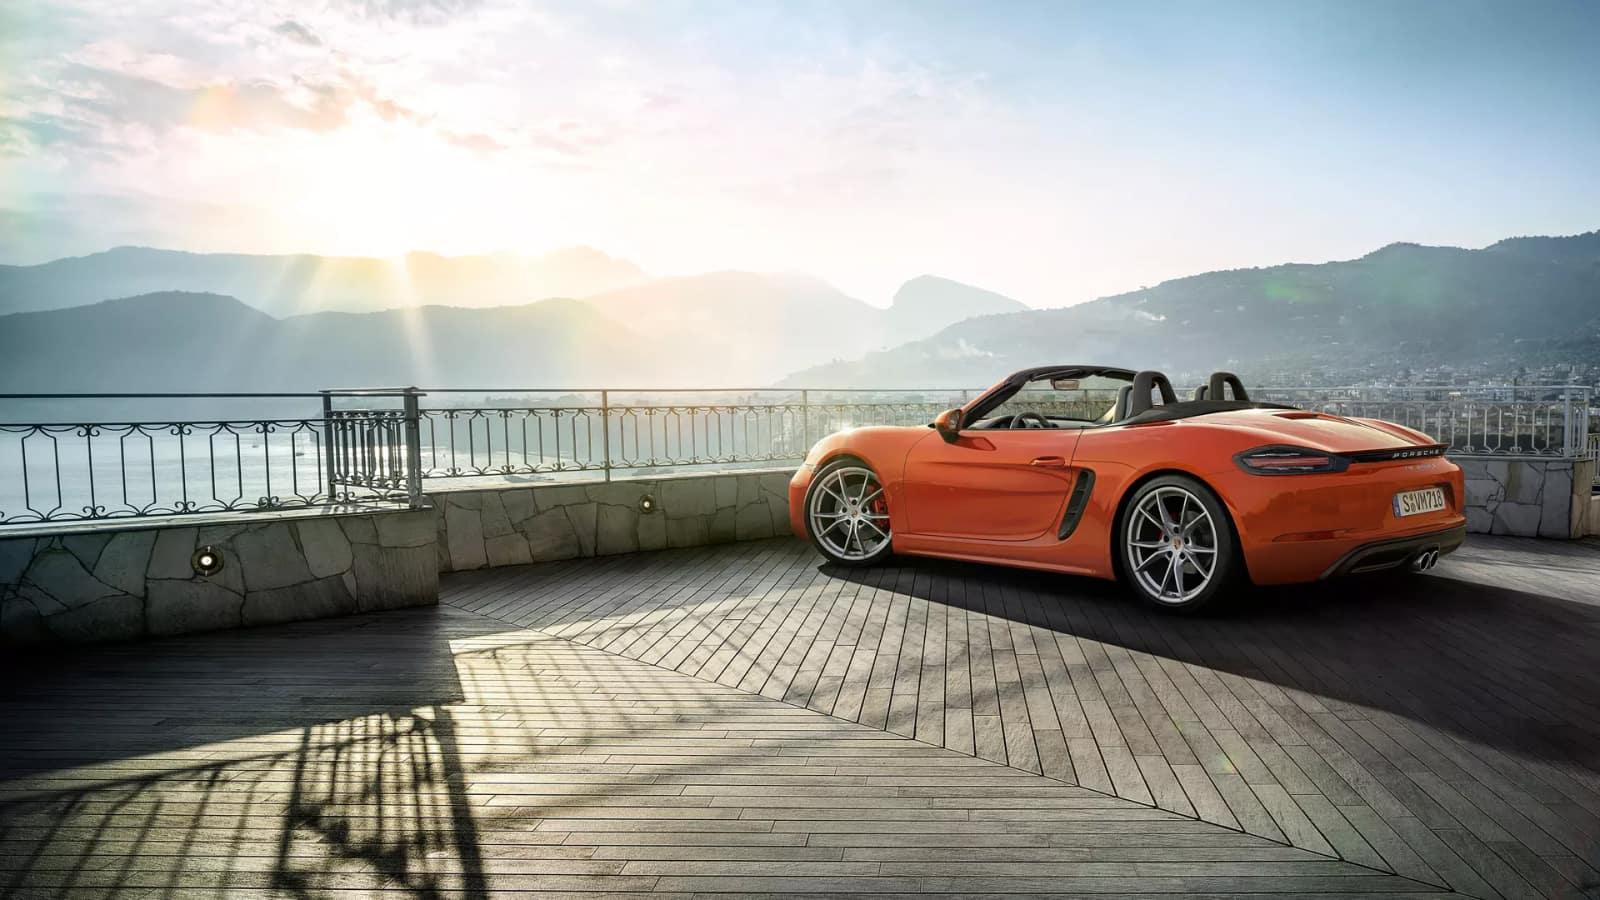 How Do You Pronounce Porsche?